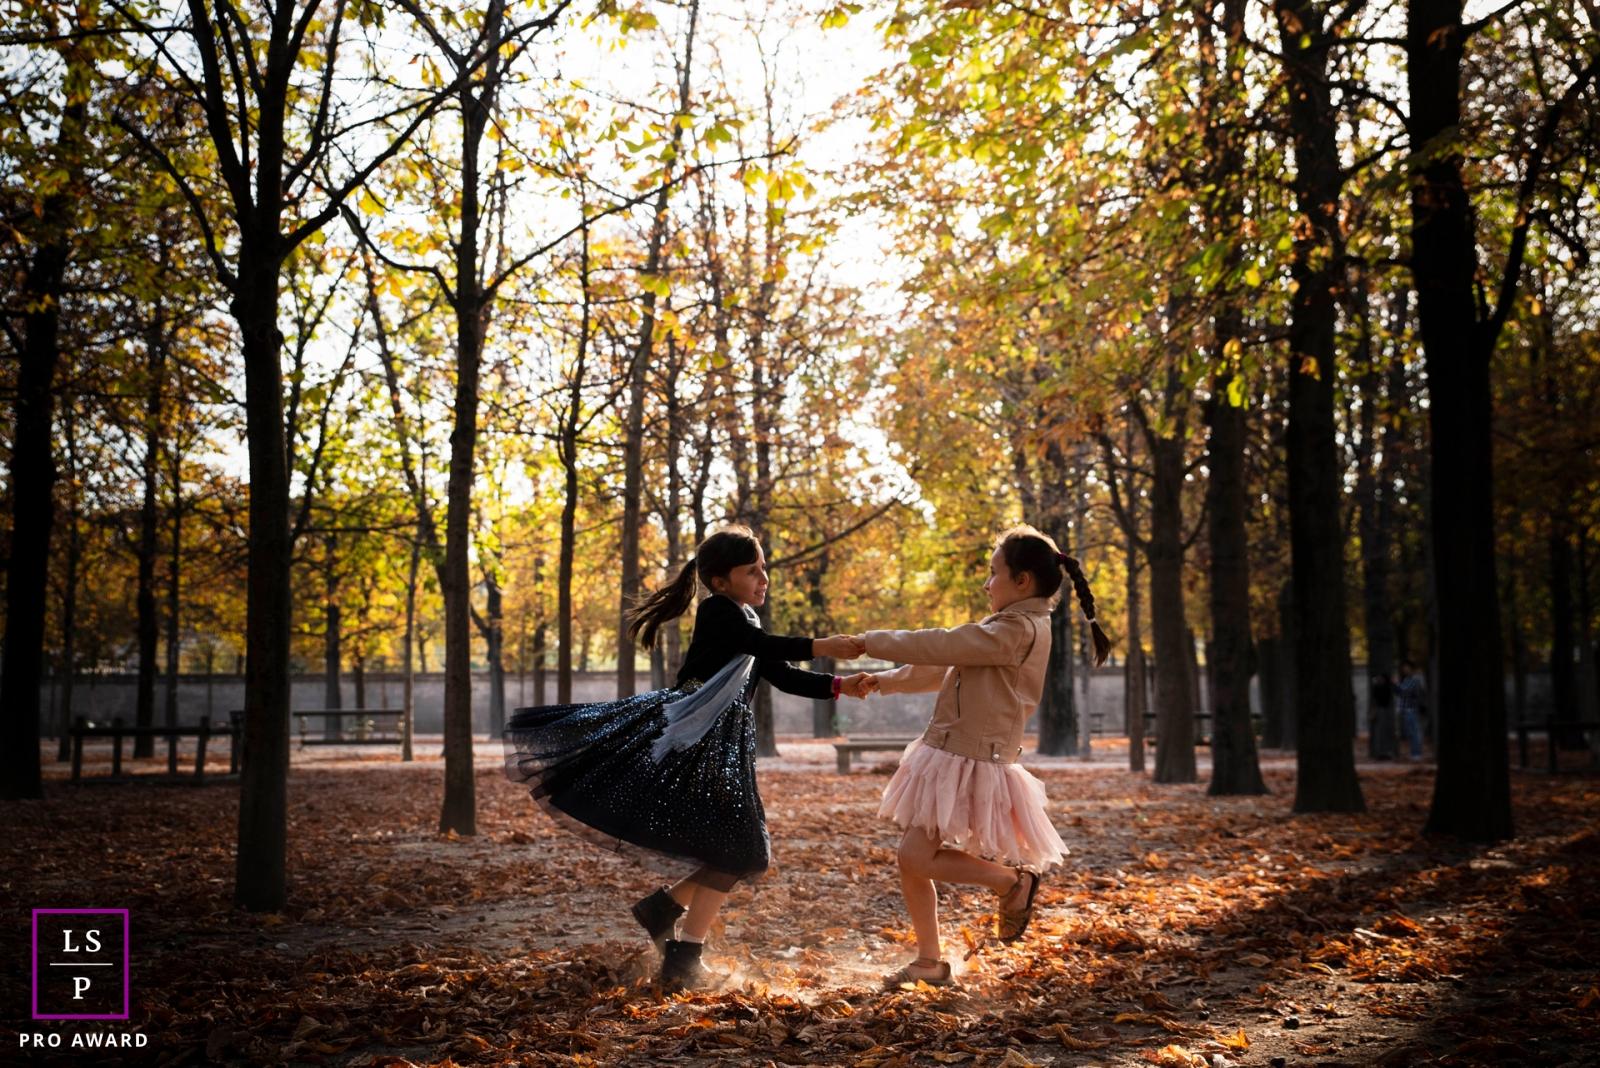 Paris Ile-de-France Lifestyle Family Portrait Photographer | Image contains: girls, hands, swinging, leaves, trees, park, play